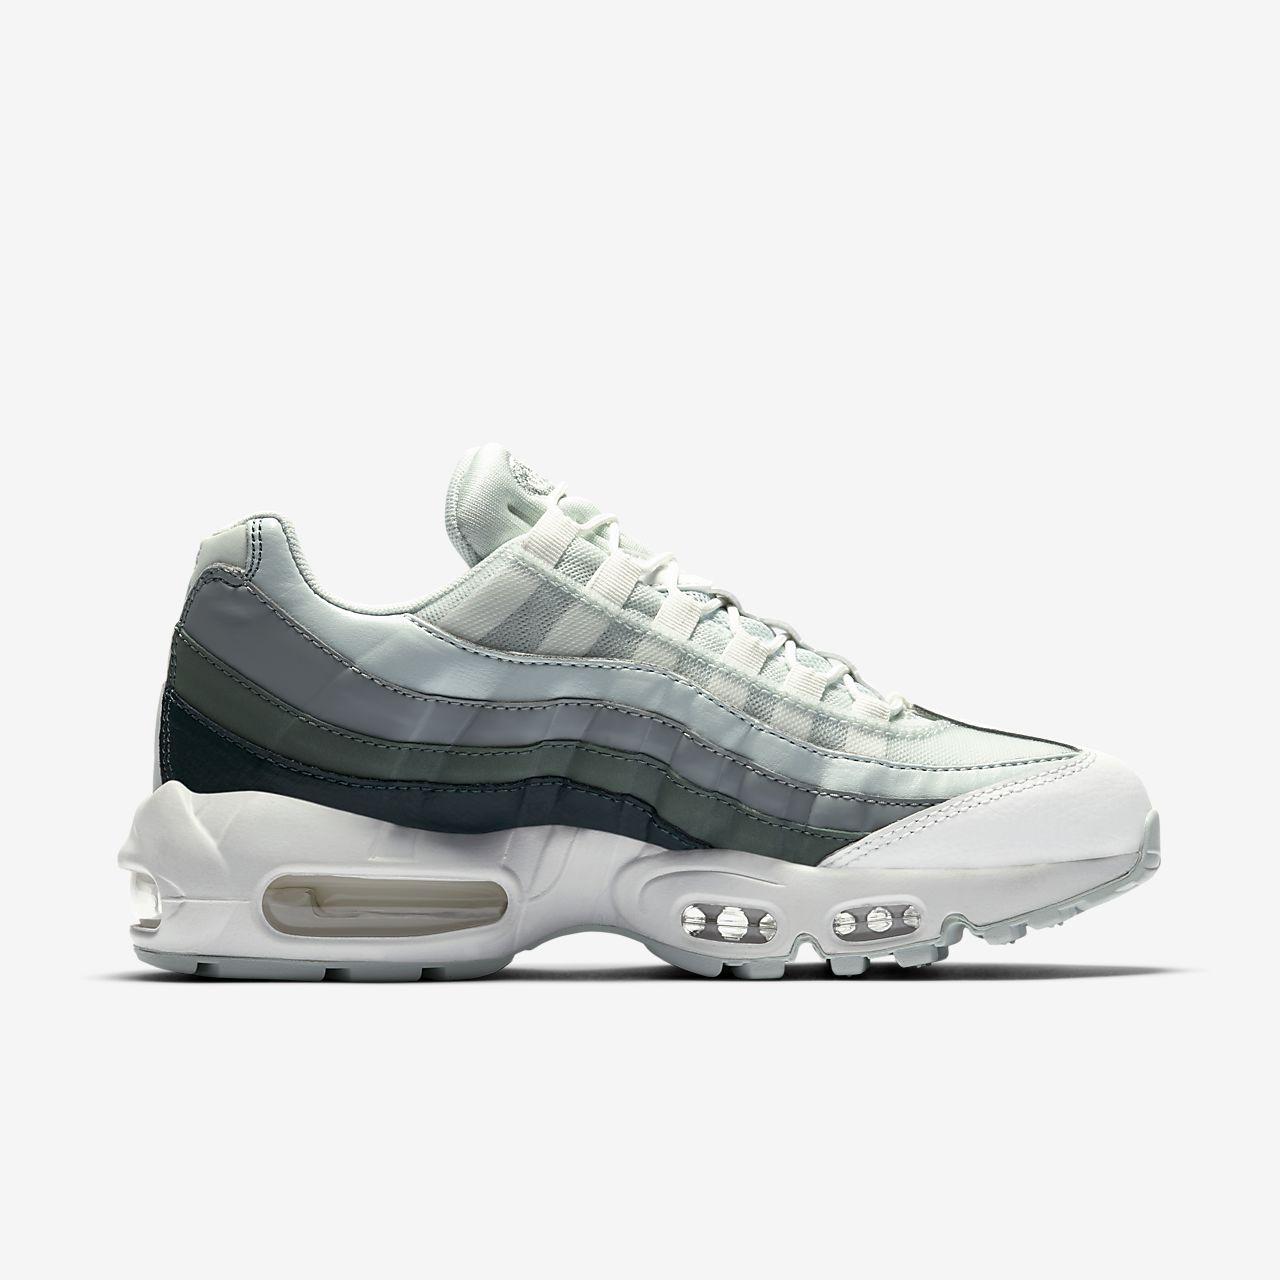 ... Nike Air Max 95 OG Damesschoen